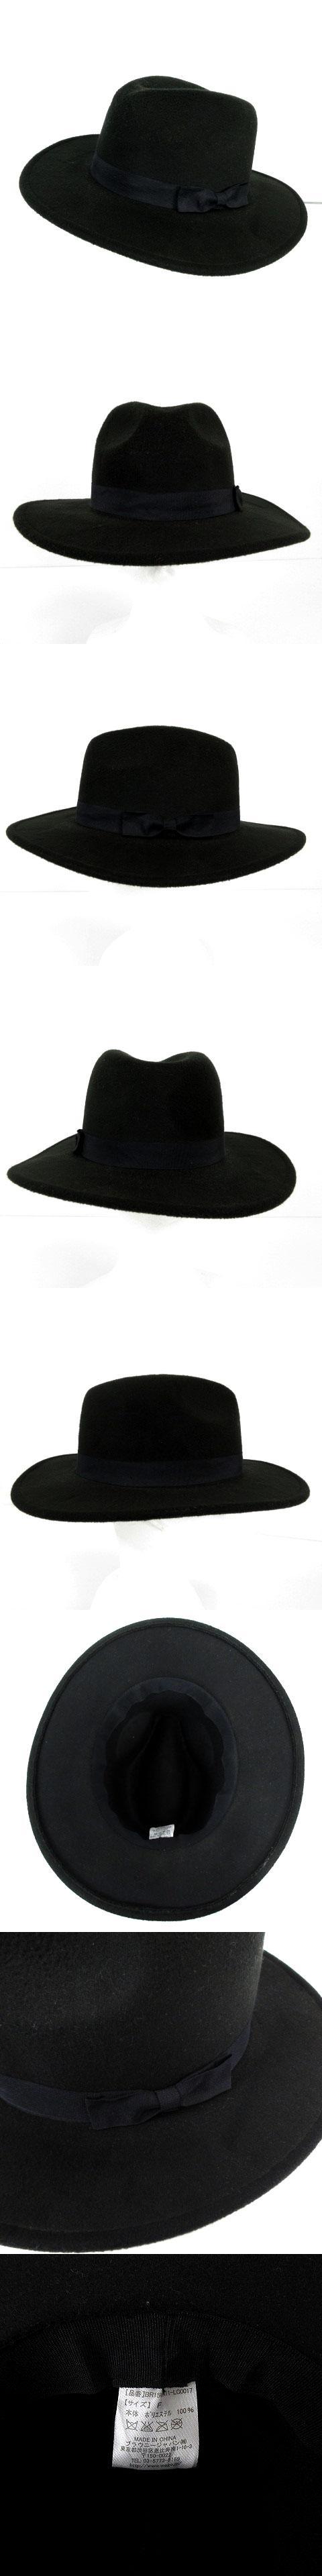 ナフィデルカ Nafi De Luca 帽子 中折れハット リボン ブラック  黒 ネイビー 紺 F